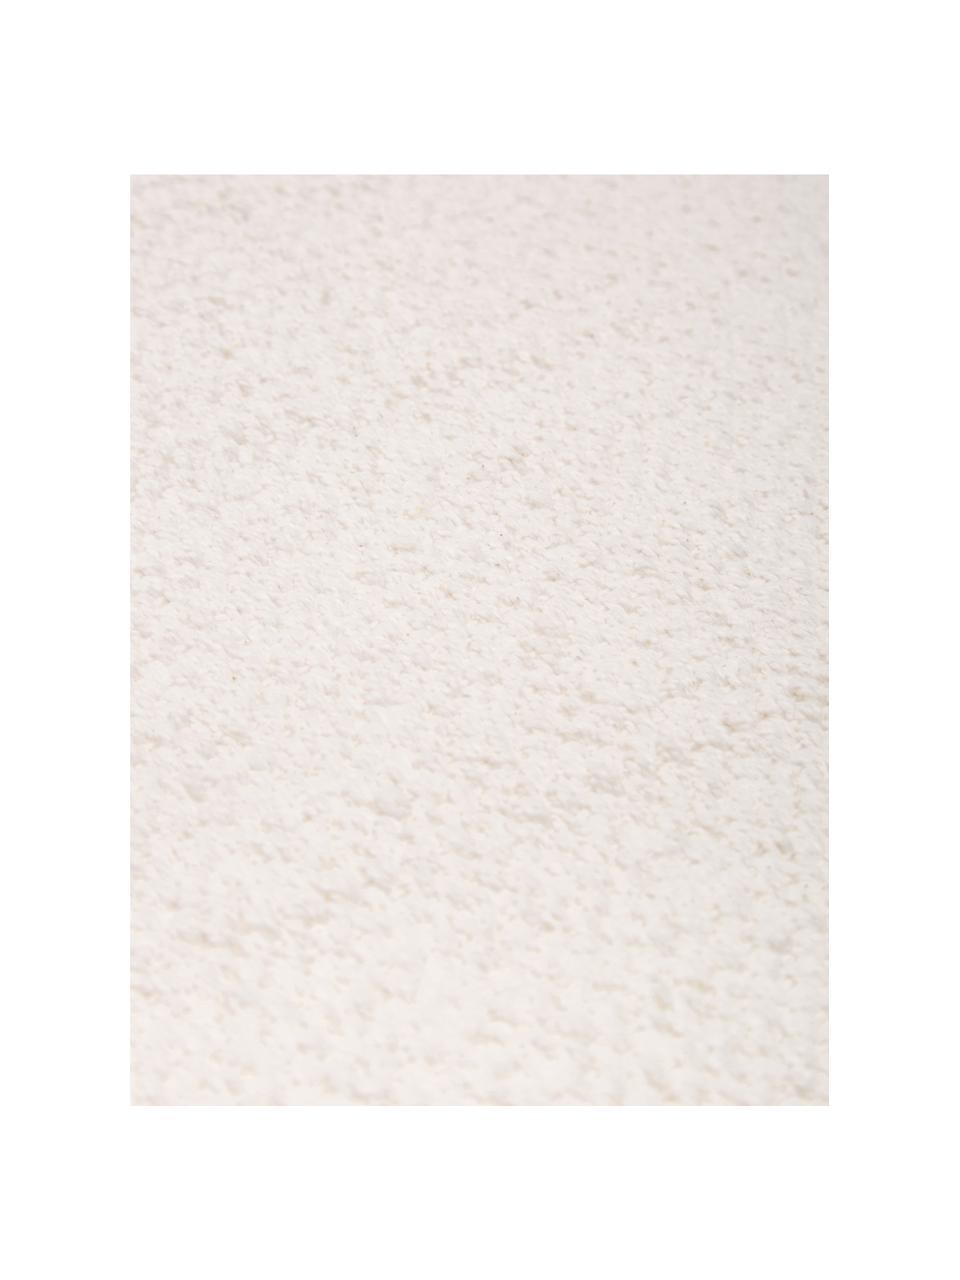 Dünner Baumwollteppich Agneta in Cremeweiss, handgewebt, 100% Baumwolle, Weiss, B 200 x L 300 cm (Grösse L)